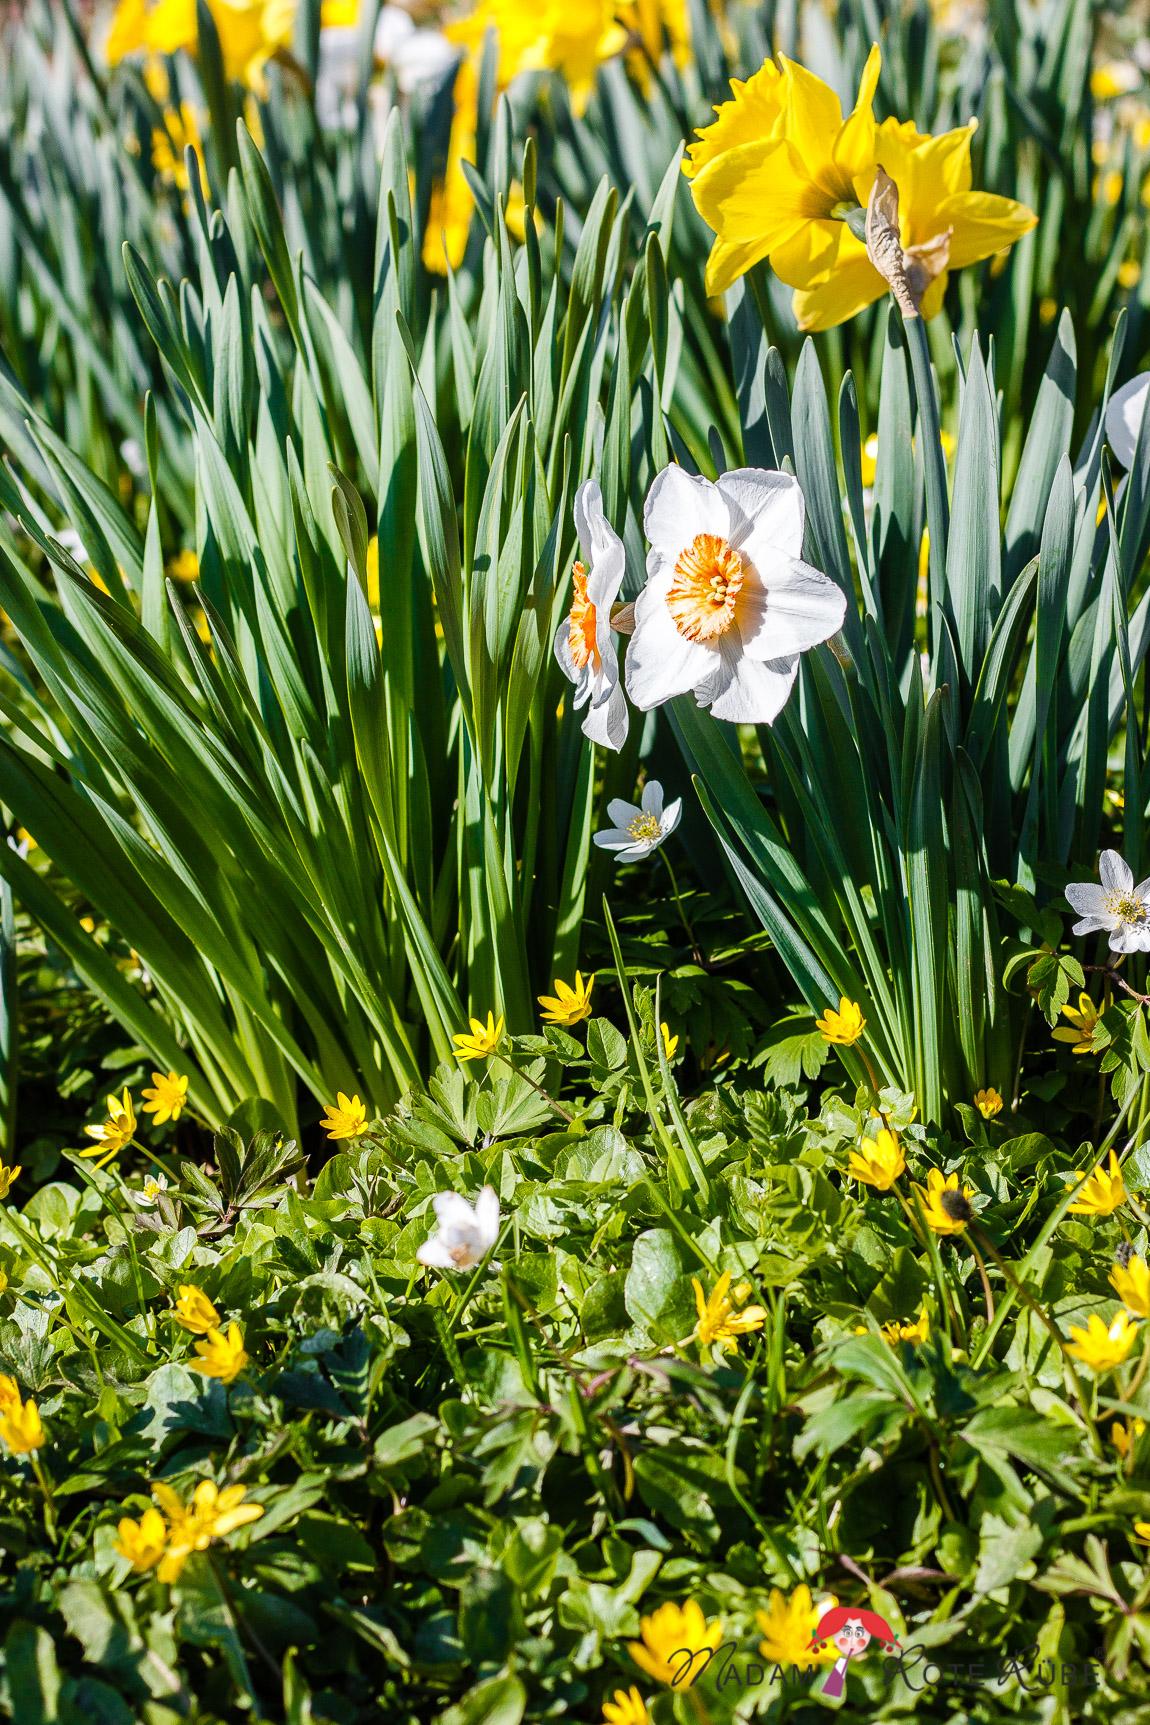 Madam Rote Rübe - Rucksackschmaus V: Sagenhafte Möhren-Cracker und zur Kirschblüte ins Kirschenlande im Kohlbachtal